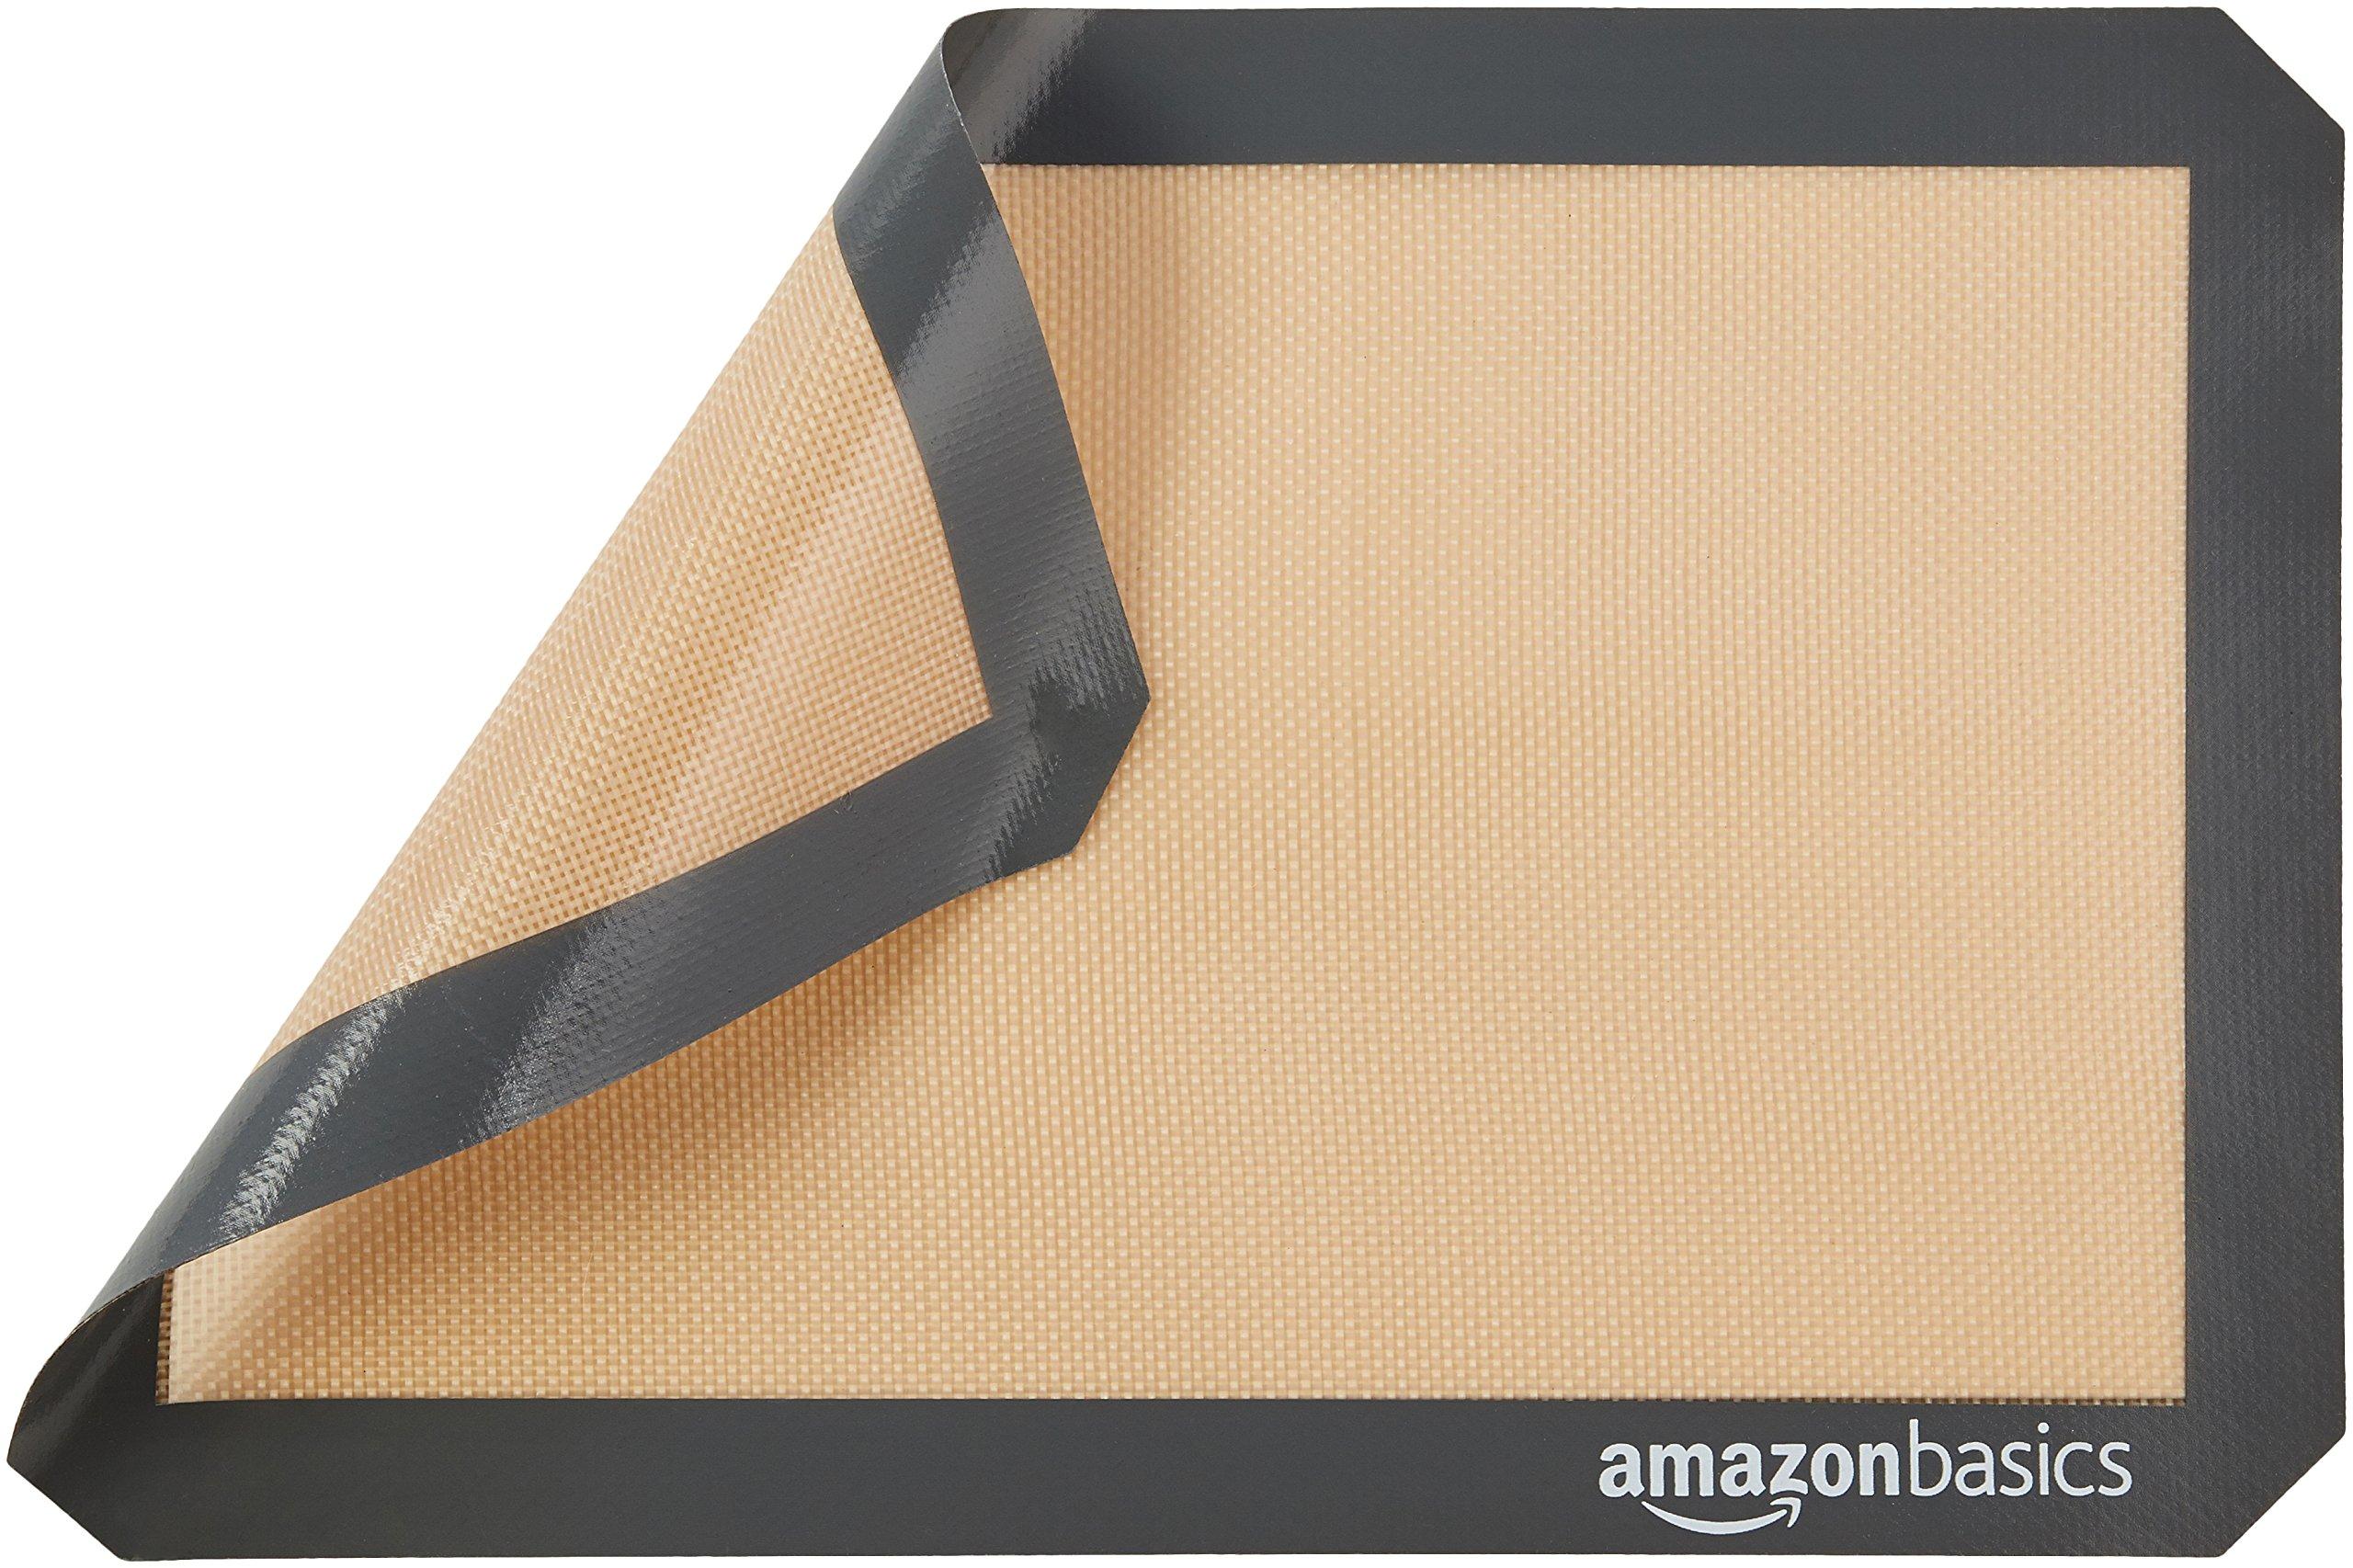 AmazonBasics Silicone Baking Mat - 3-Piece Set by AmazonBasics (Image #3)